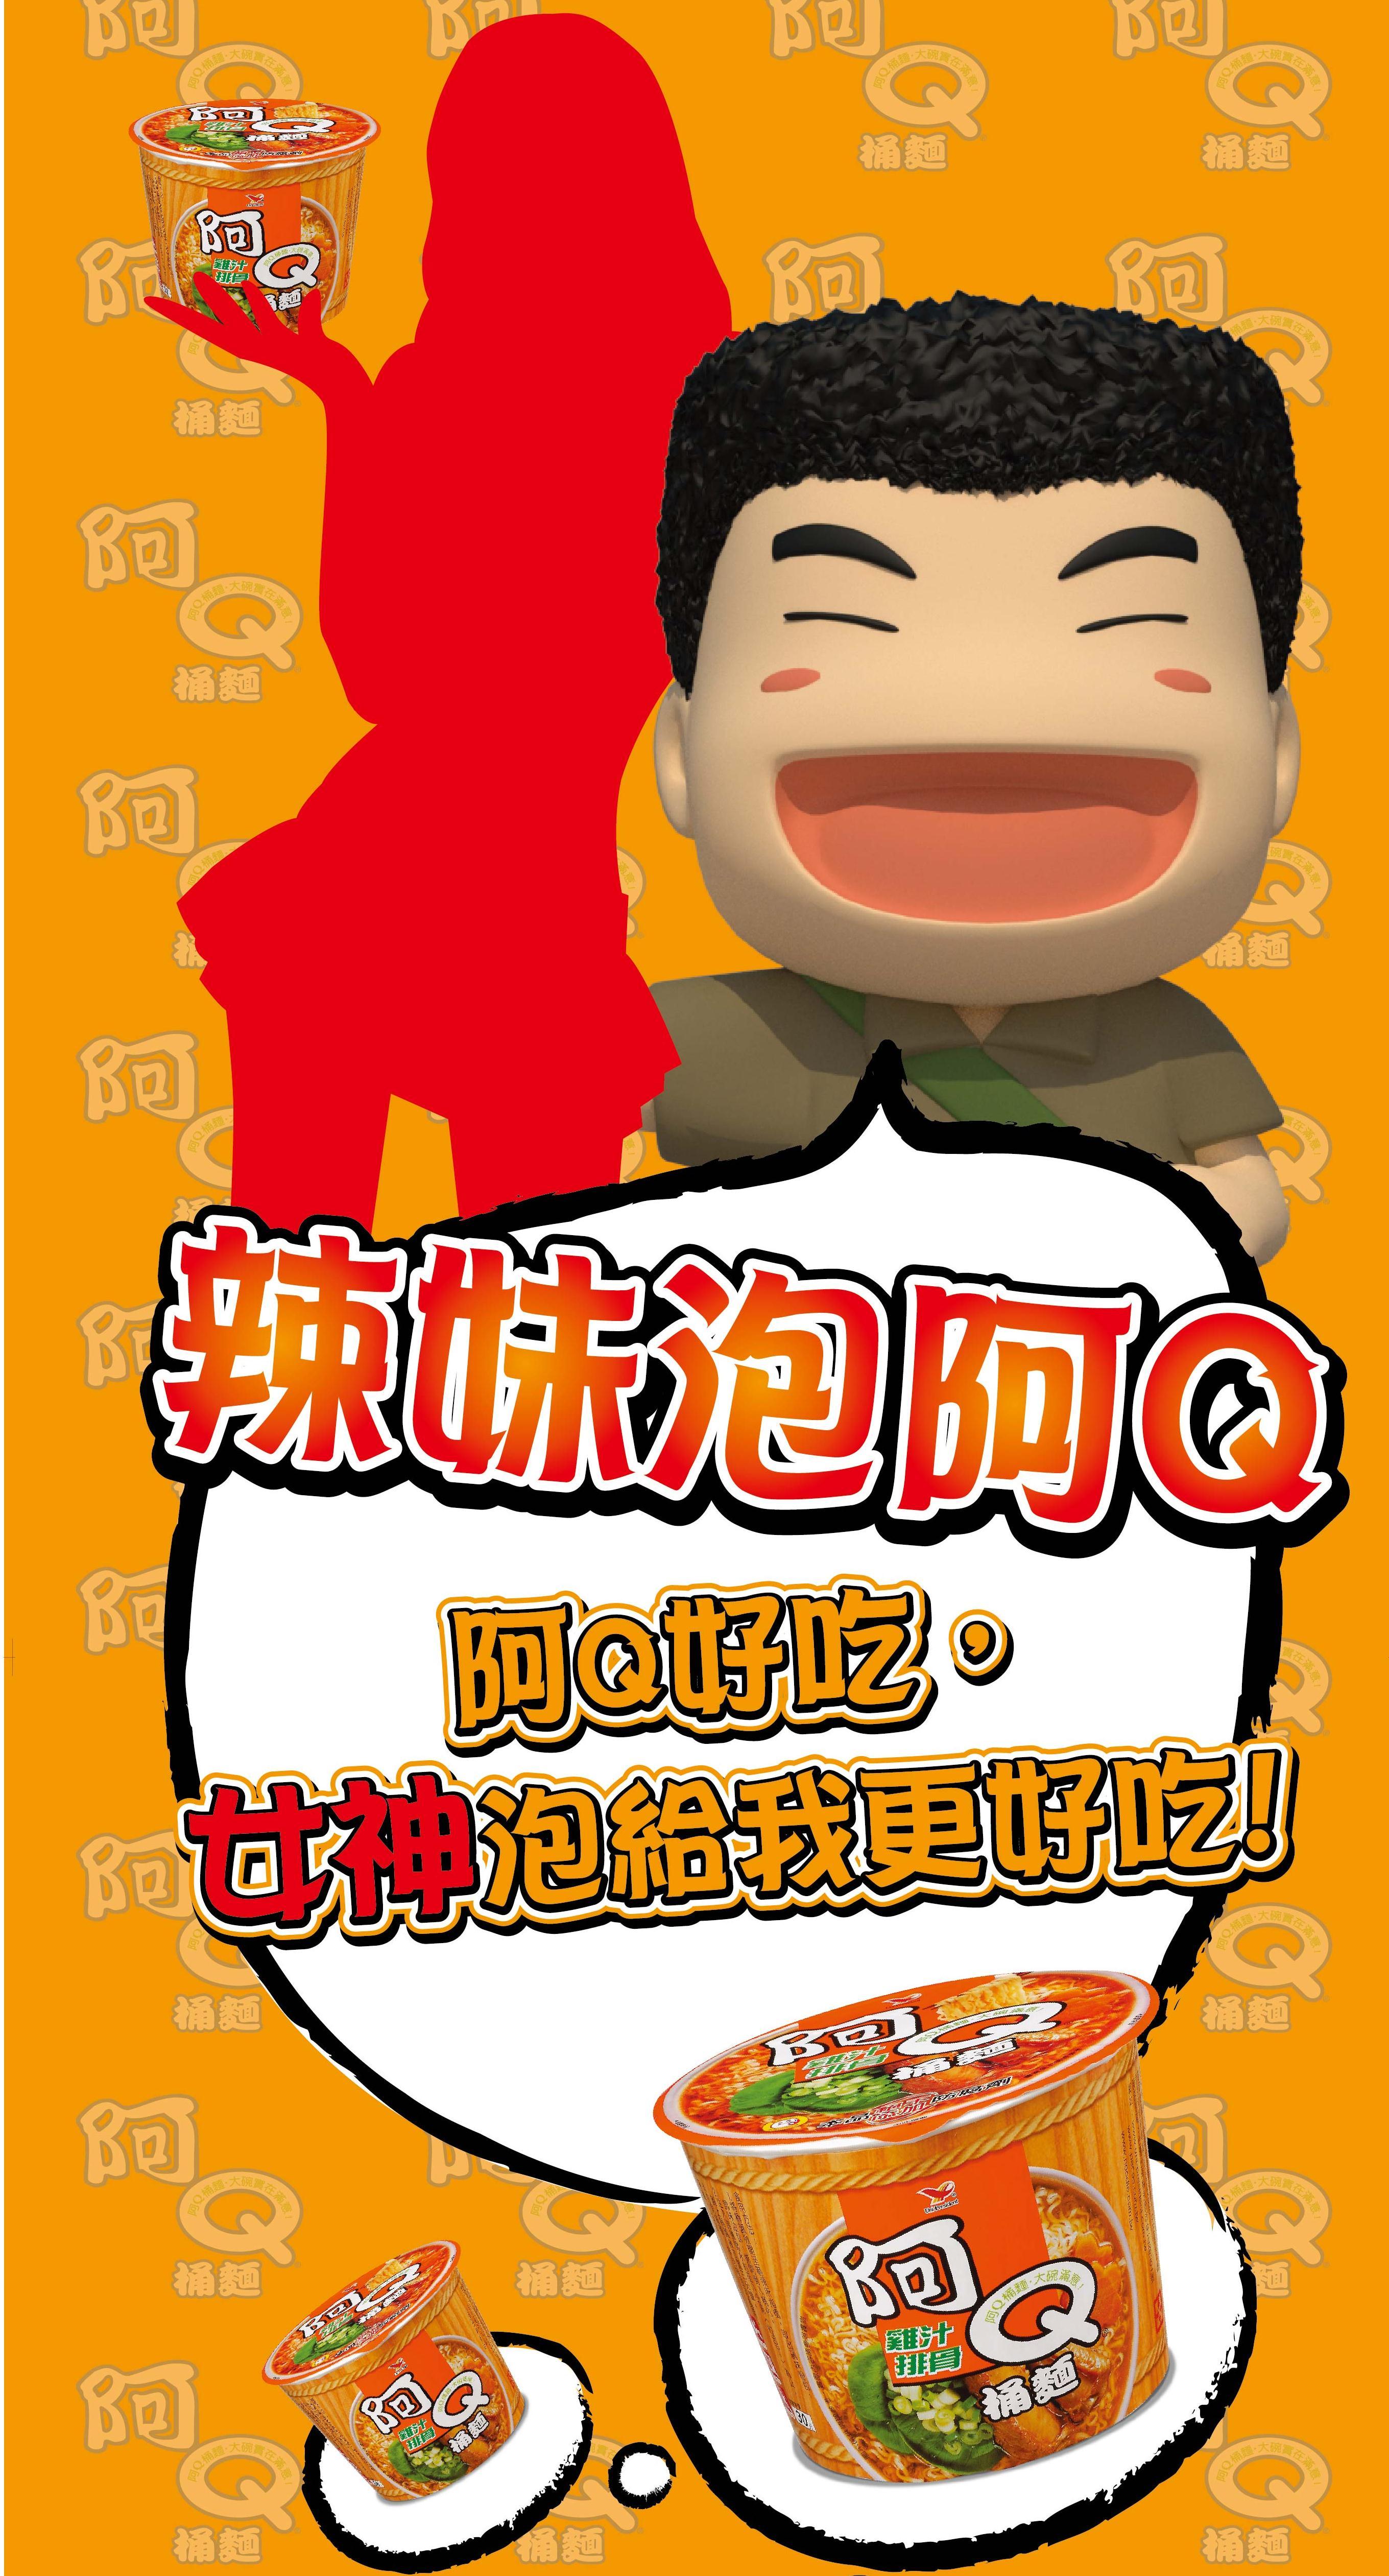 活動告示牌.jpg